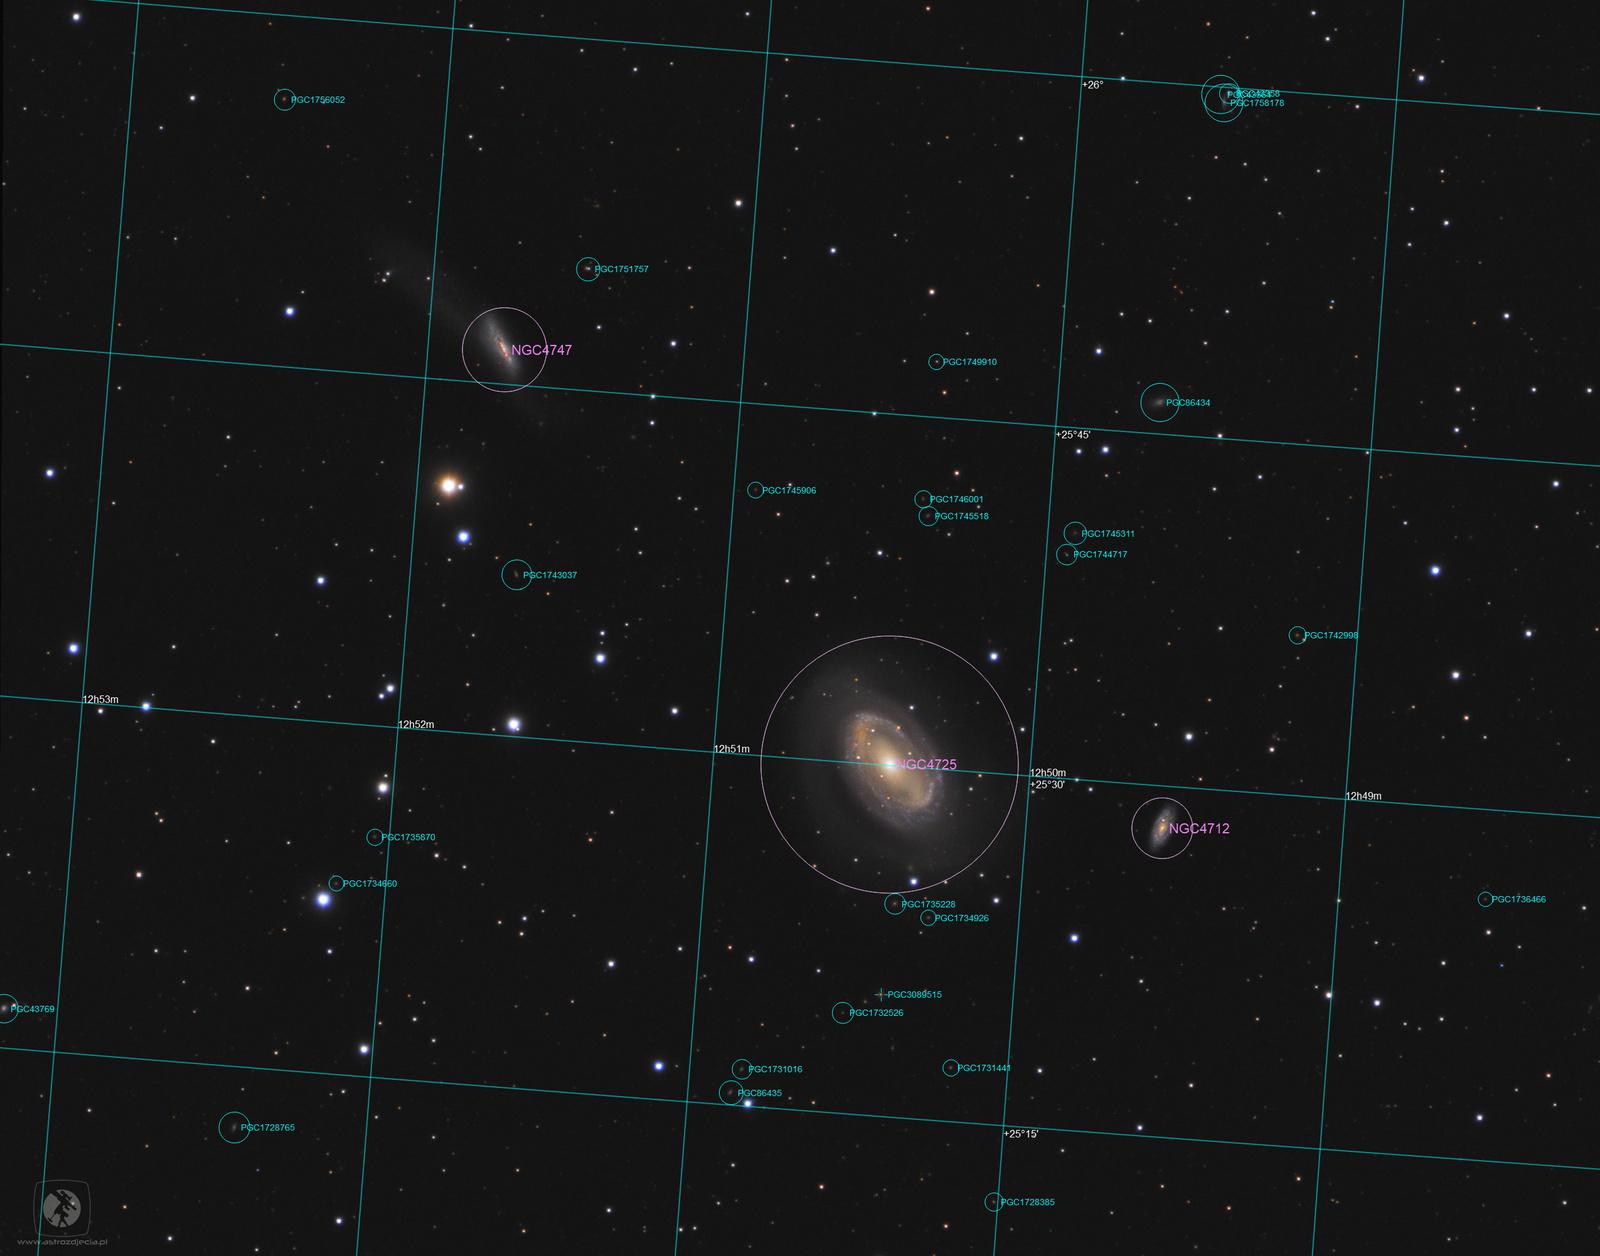 03-NGC4725-gotowe-opis.thumb.jpg.9ba382cc20df619d5c8a4b4b586efa50.jpg